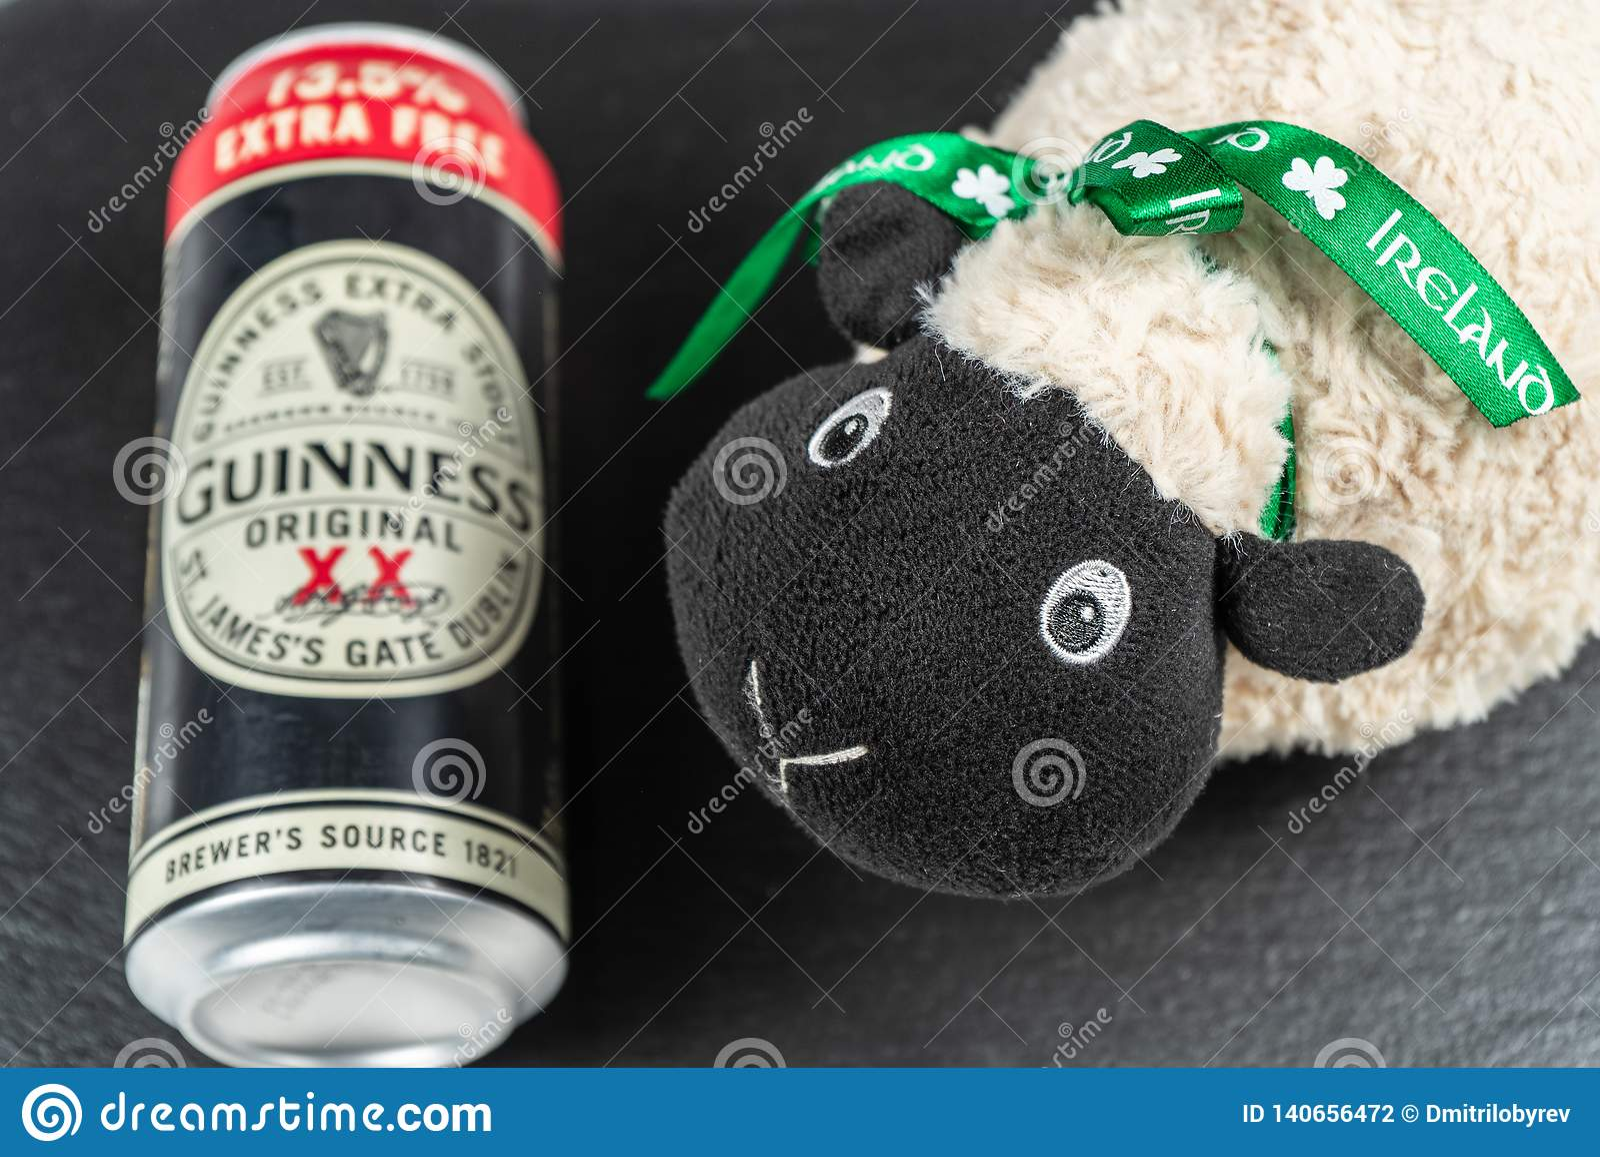 Ημέρα του ST Πάτρικ ` s Μια πίντα Guiness και των ιρλανδικών προβάτων